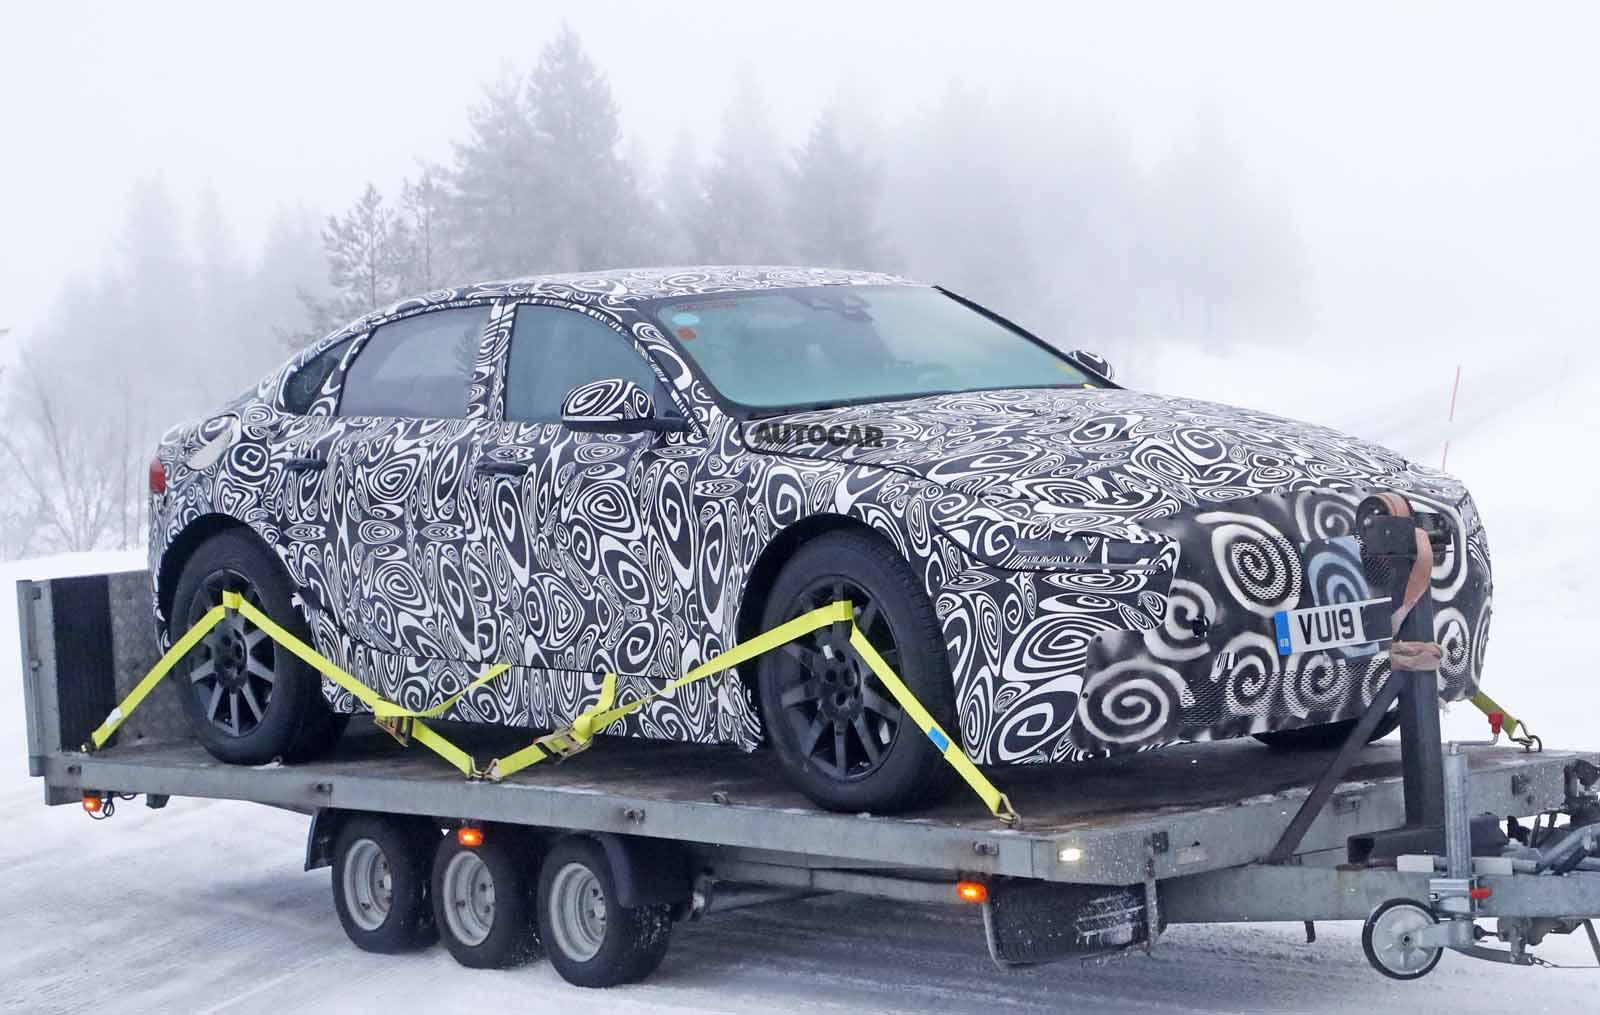 2020 Jaguar Xj Latest Images Reveal Electric Luxury Car S Look Autocar